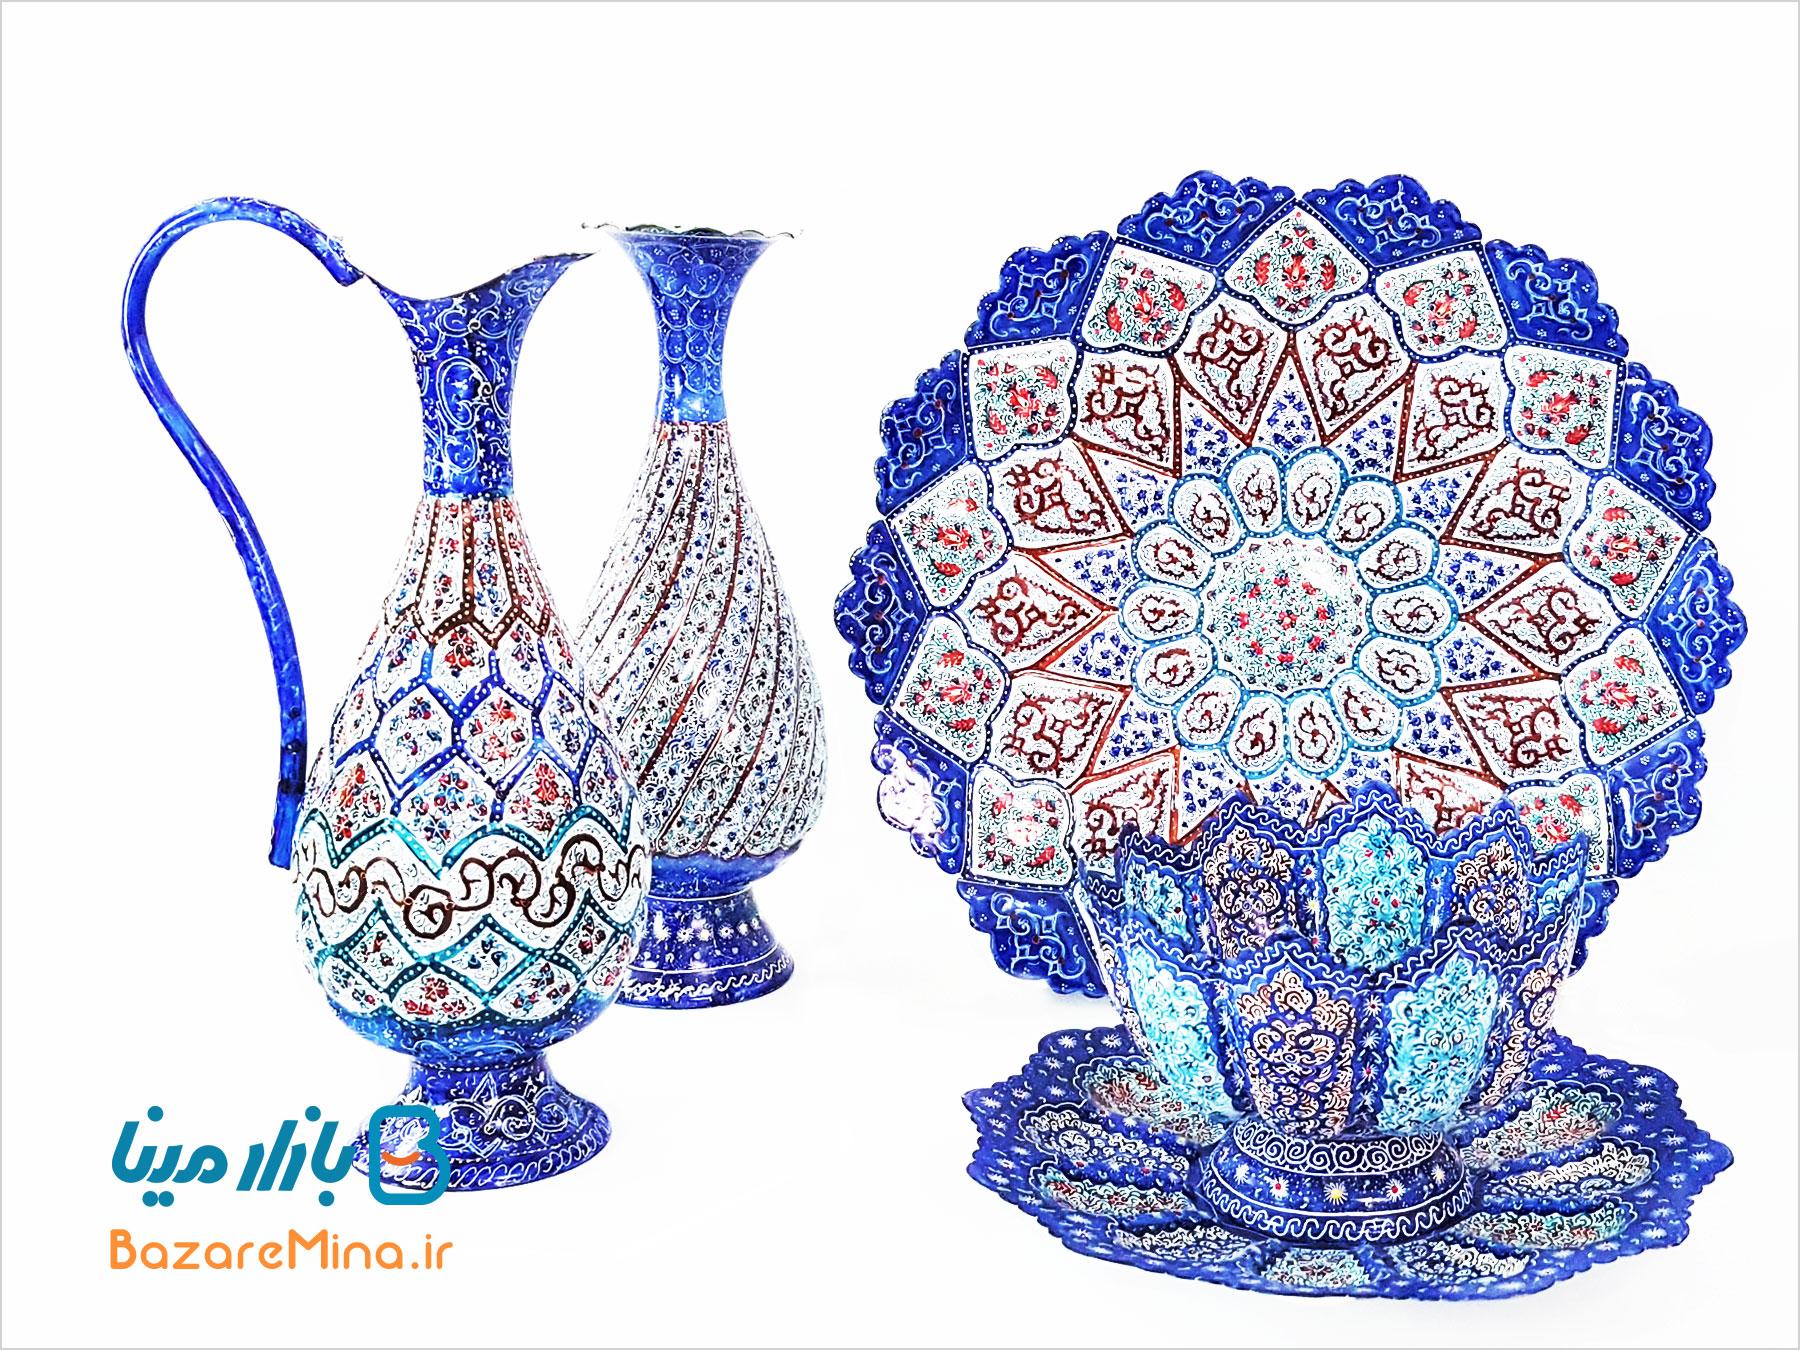 پارچ مسی مینا کاری شده صراحی اصفهان